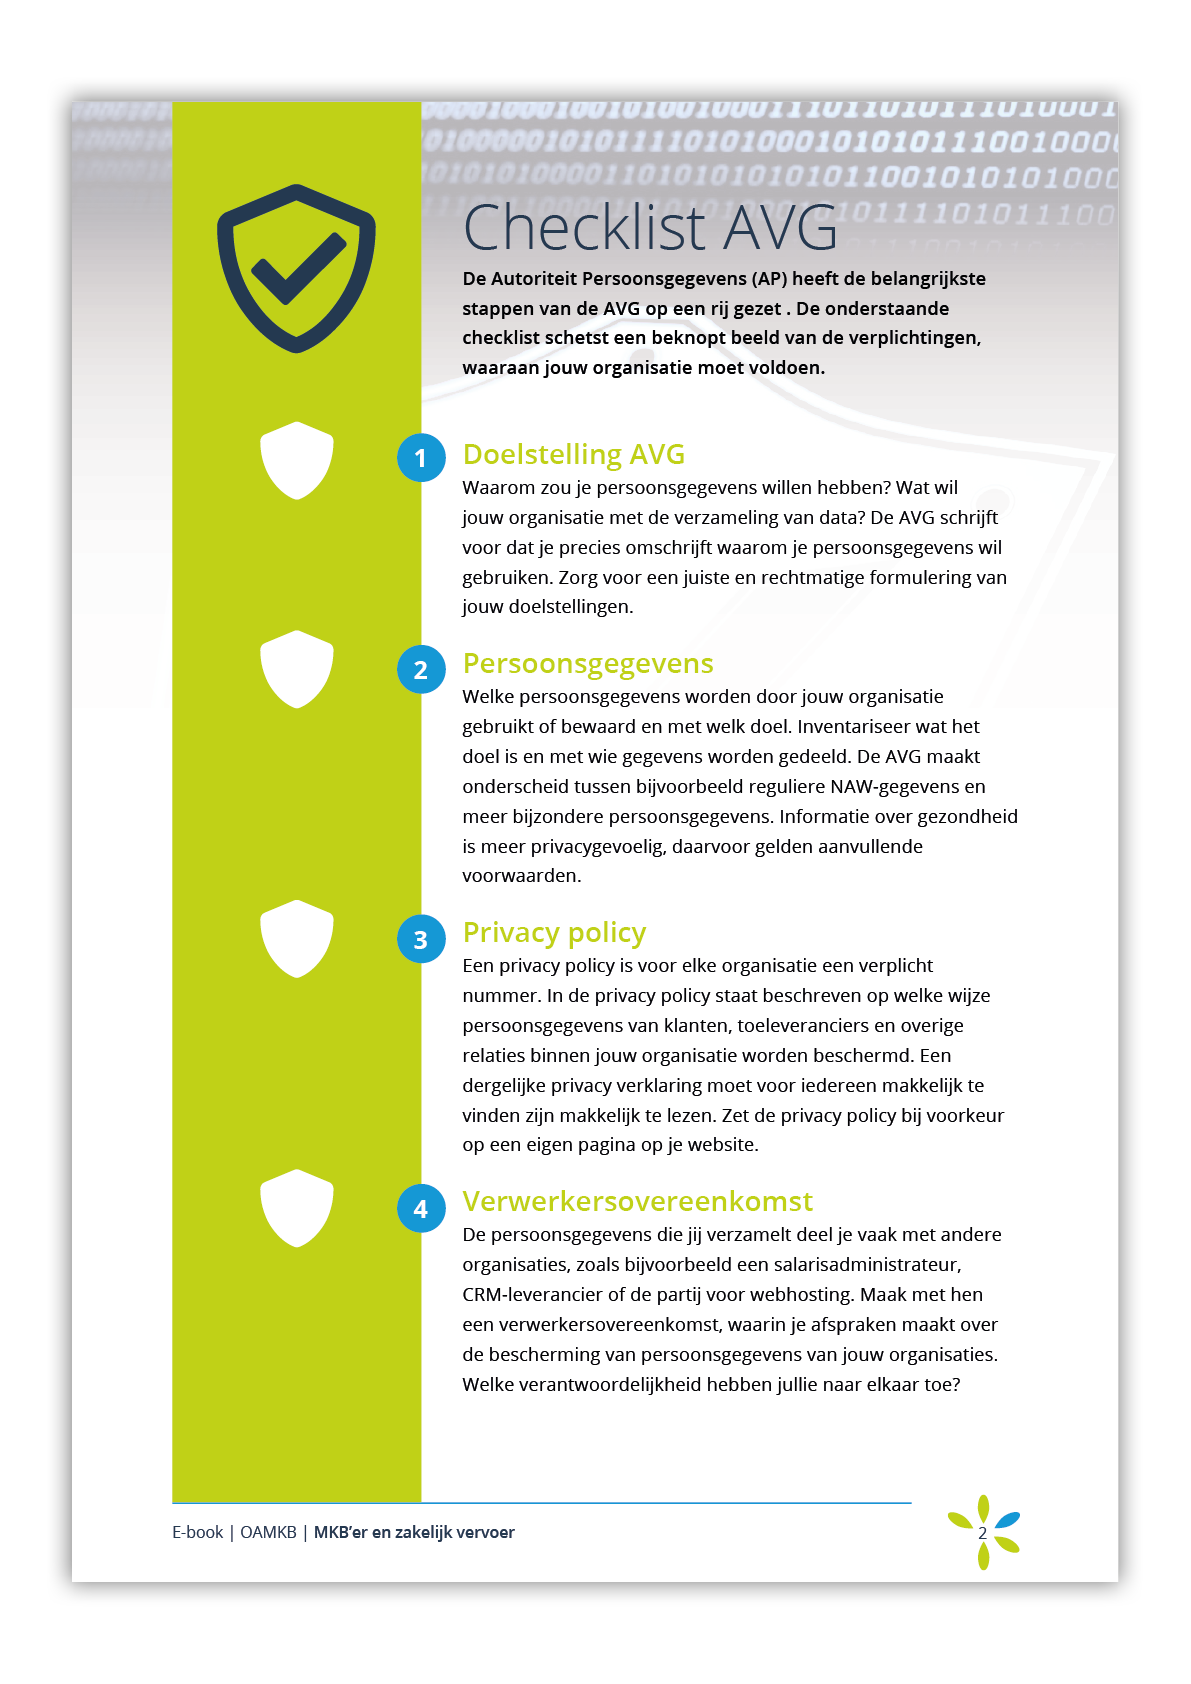 inside-Checklist-AVG-voor-het-MKB